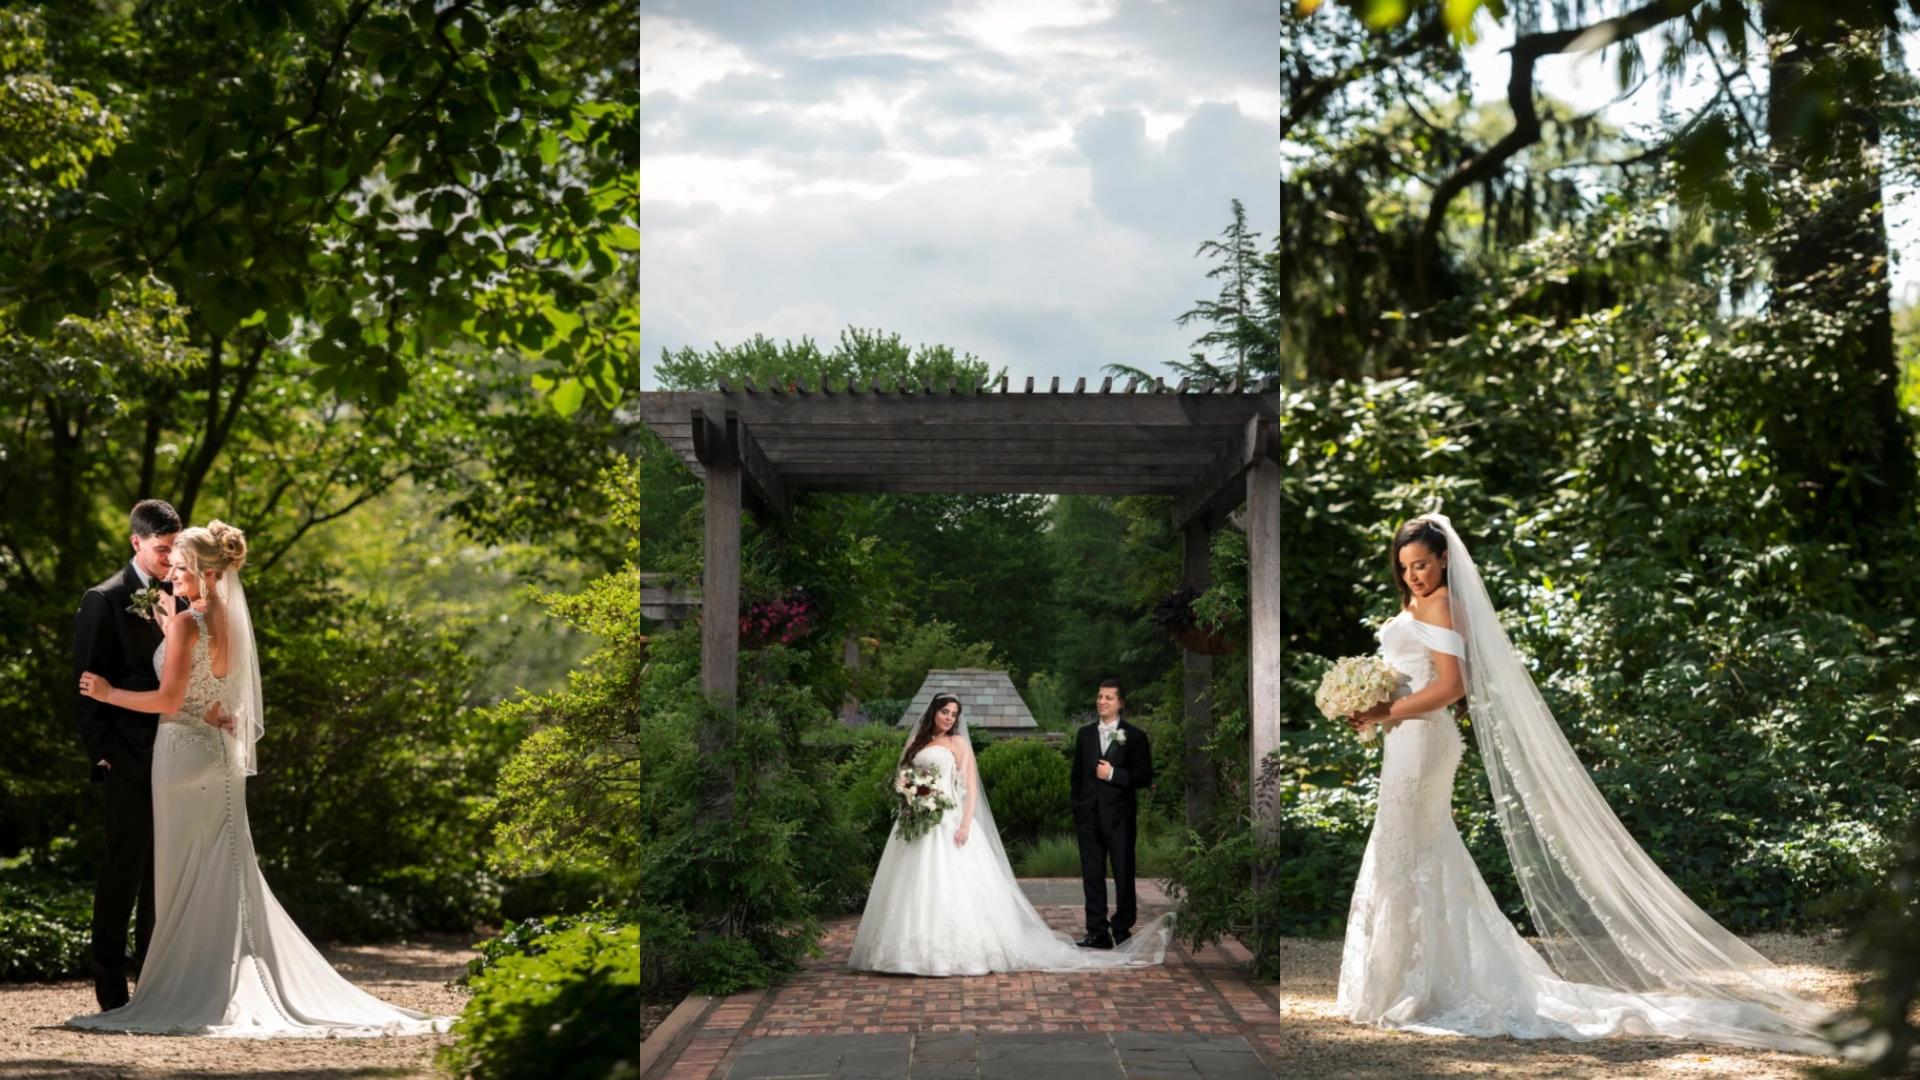 2020_Wedding_Photos_at_Planting_Fields_Arboretum_1080p